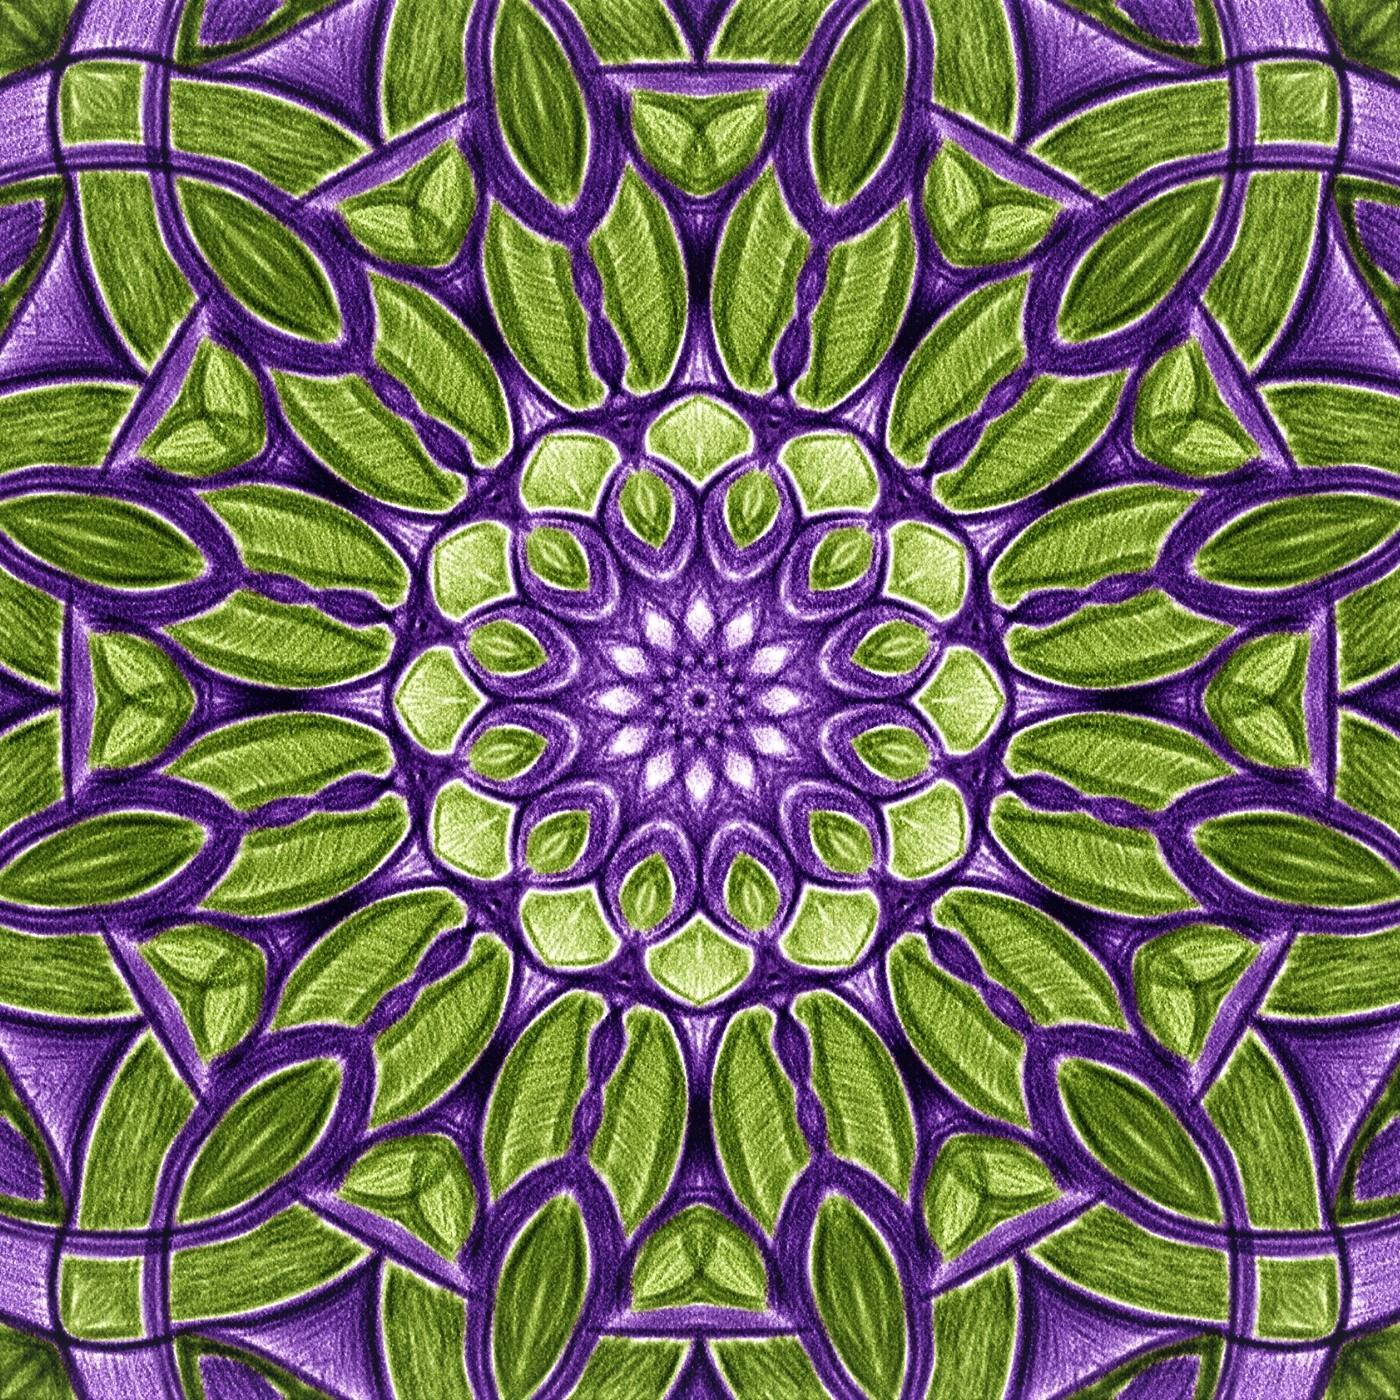 Vihreä-violetti symmetrinen piirros, jossa lehtimäiset muodot toistuvat ja laajenevat ympyrän keskustasta sen ulkoreunaa kohti.